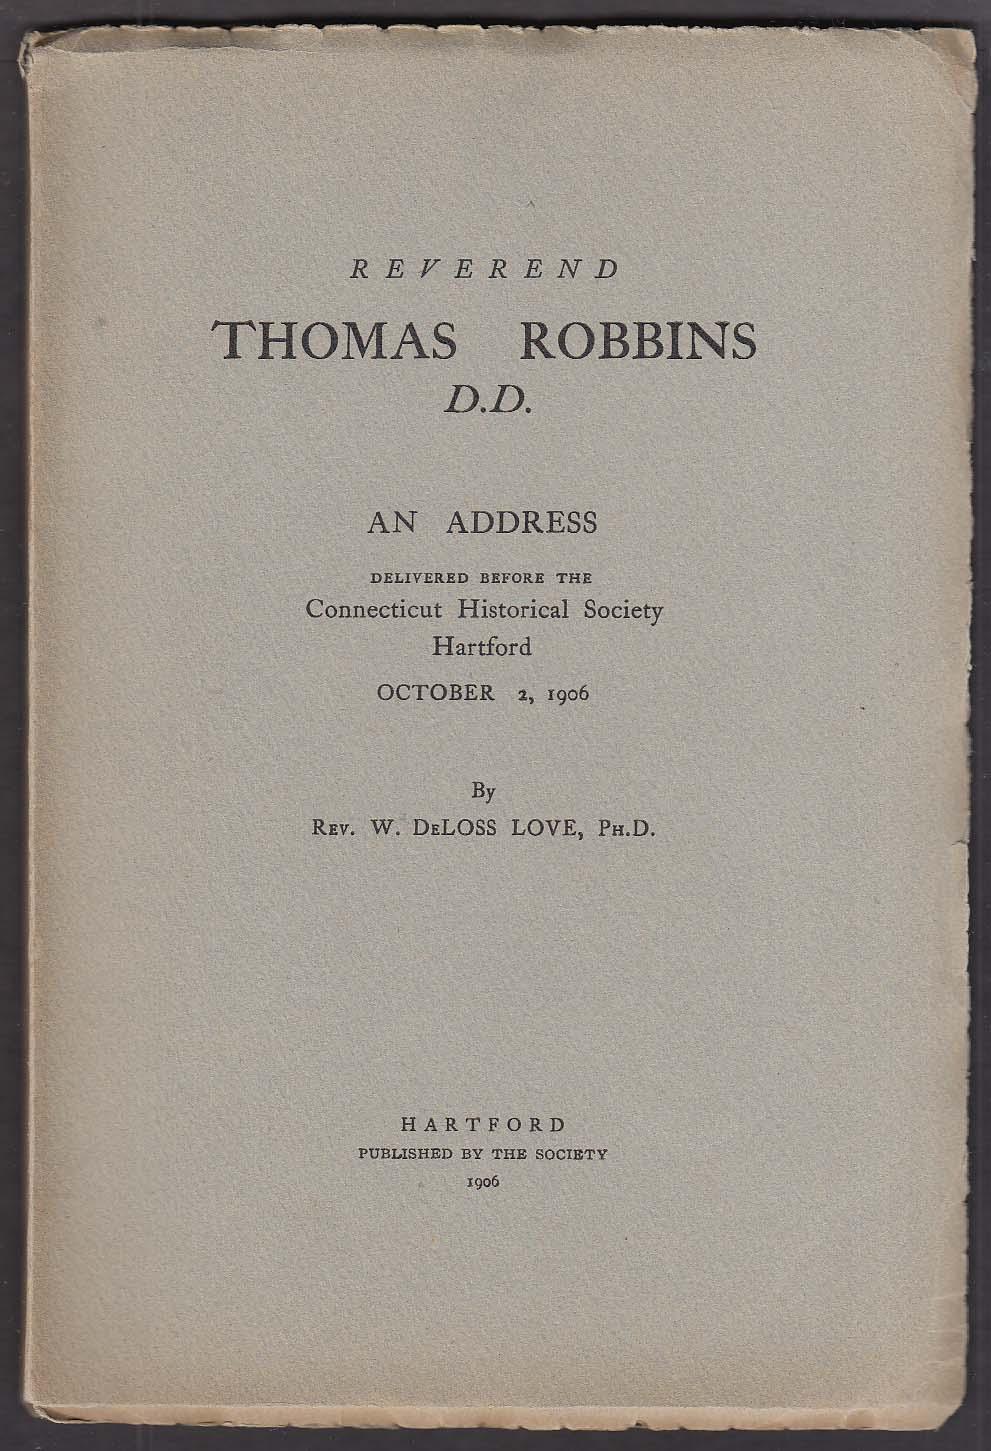 Address on Rev Thomas Dobbins @ Hartford CT 10/2/1906